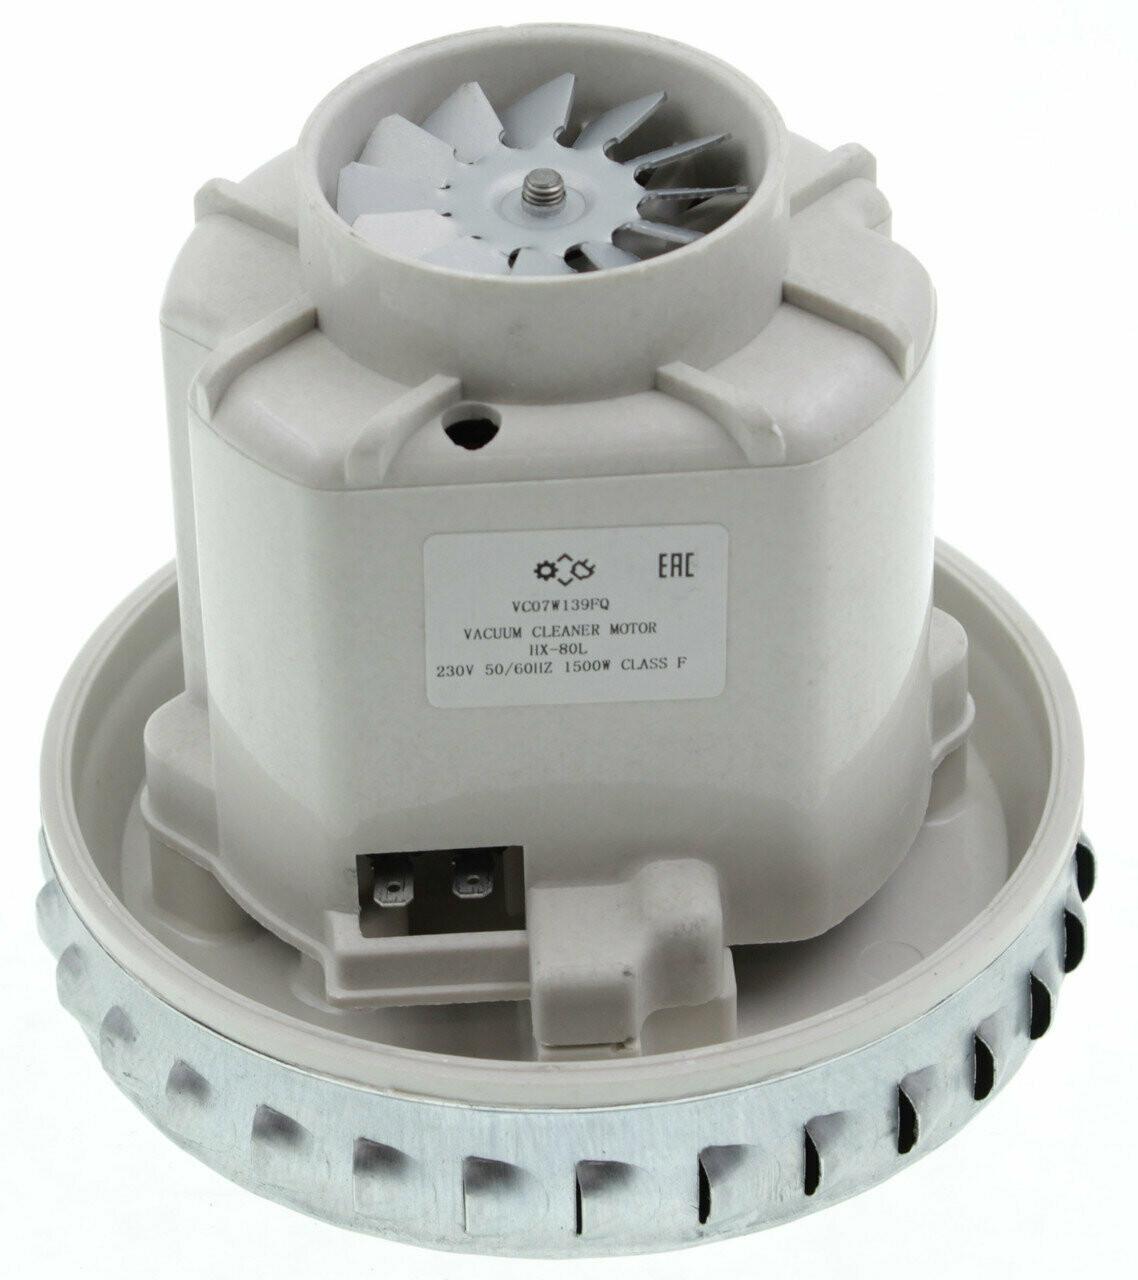 Пылесос Двигатель THOMAS 1500W 100368 (54AS016) D=135 H=128mm HX-80L  вз VAC060UN